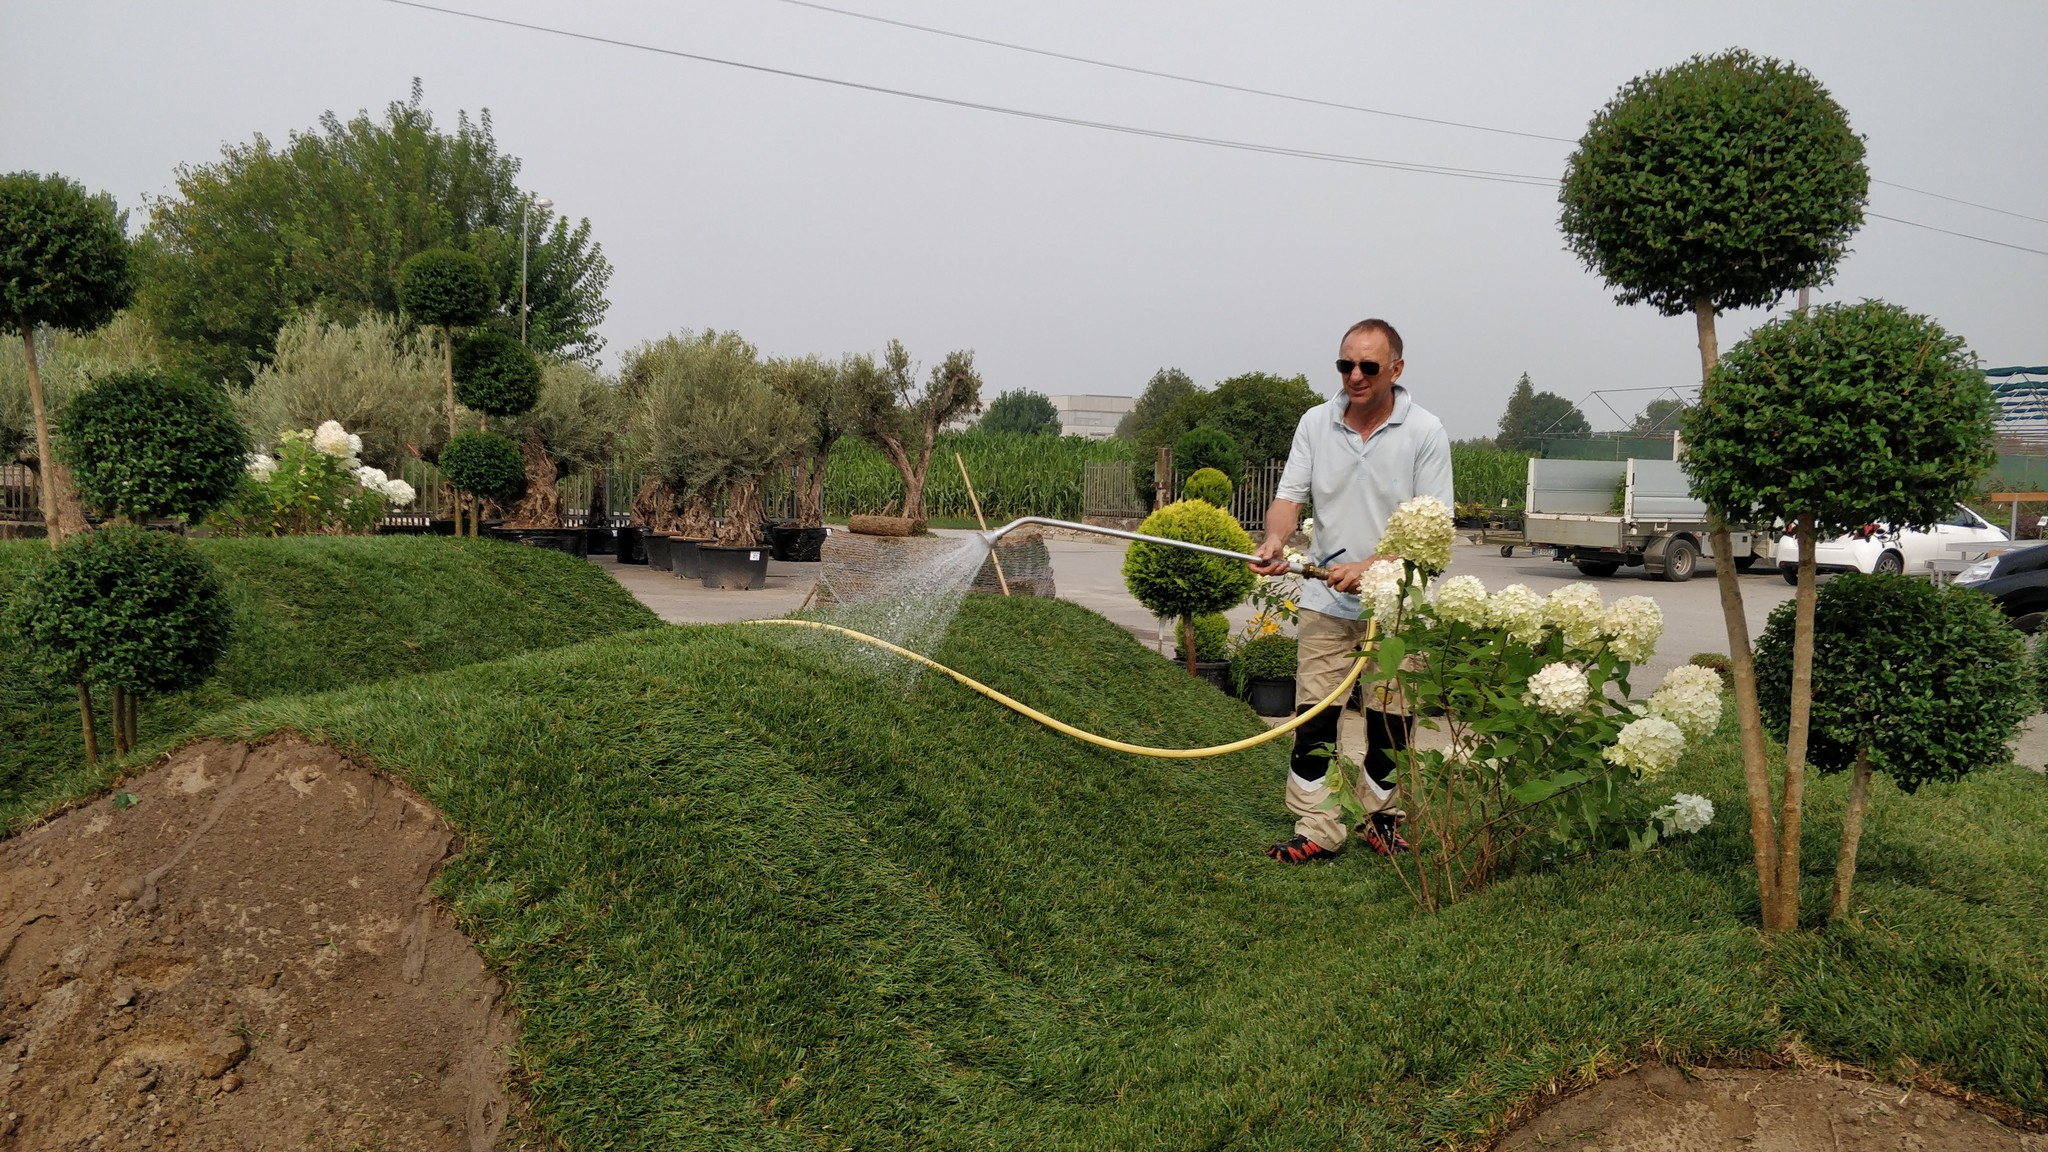 Concorso giardini Verdeggiando_27 In Onda (D79LE) D'Errico Loreta